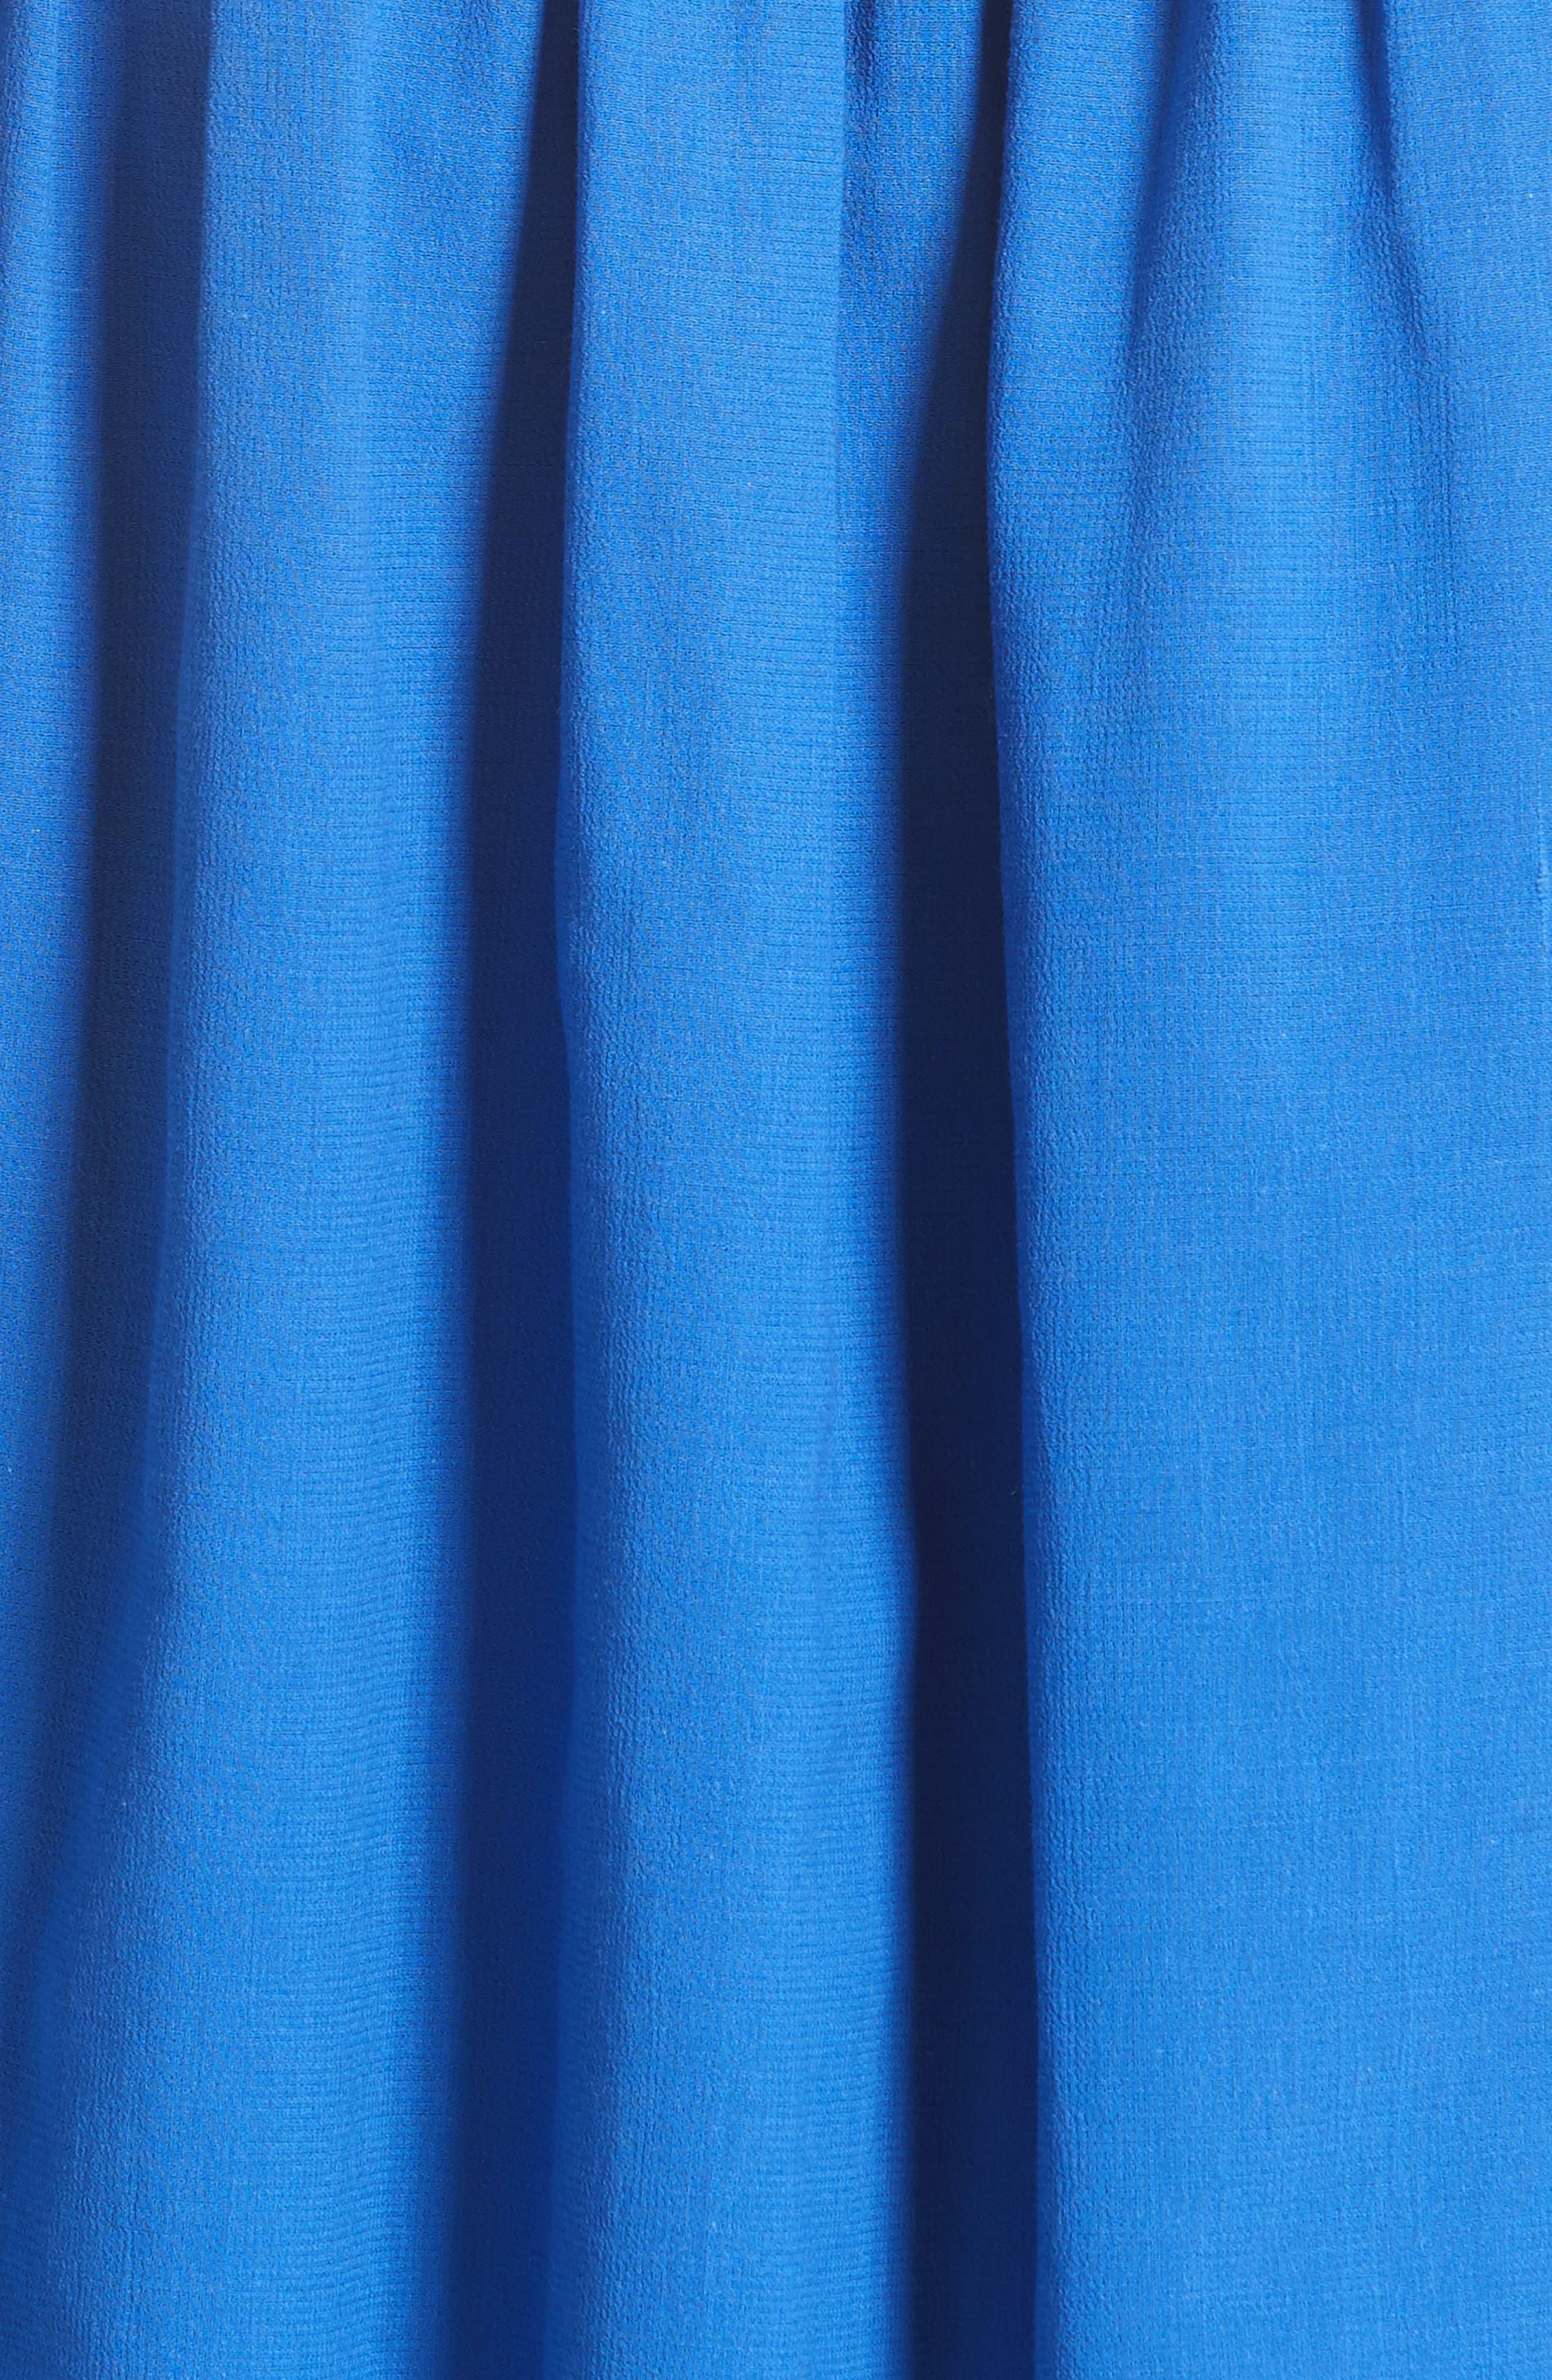 Akris Smocked Ruffle Skirt,                             Alternate thumbnail 5, color,                             400